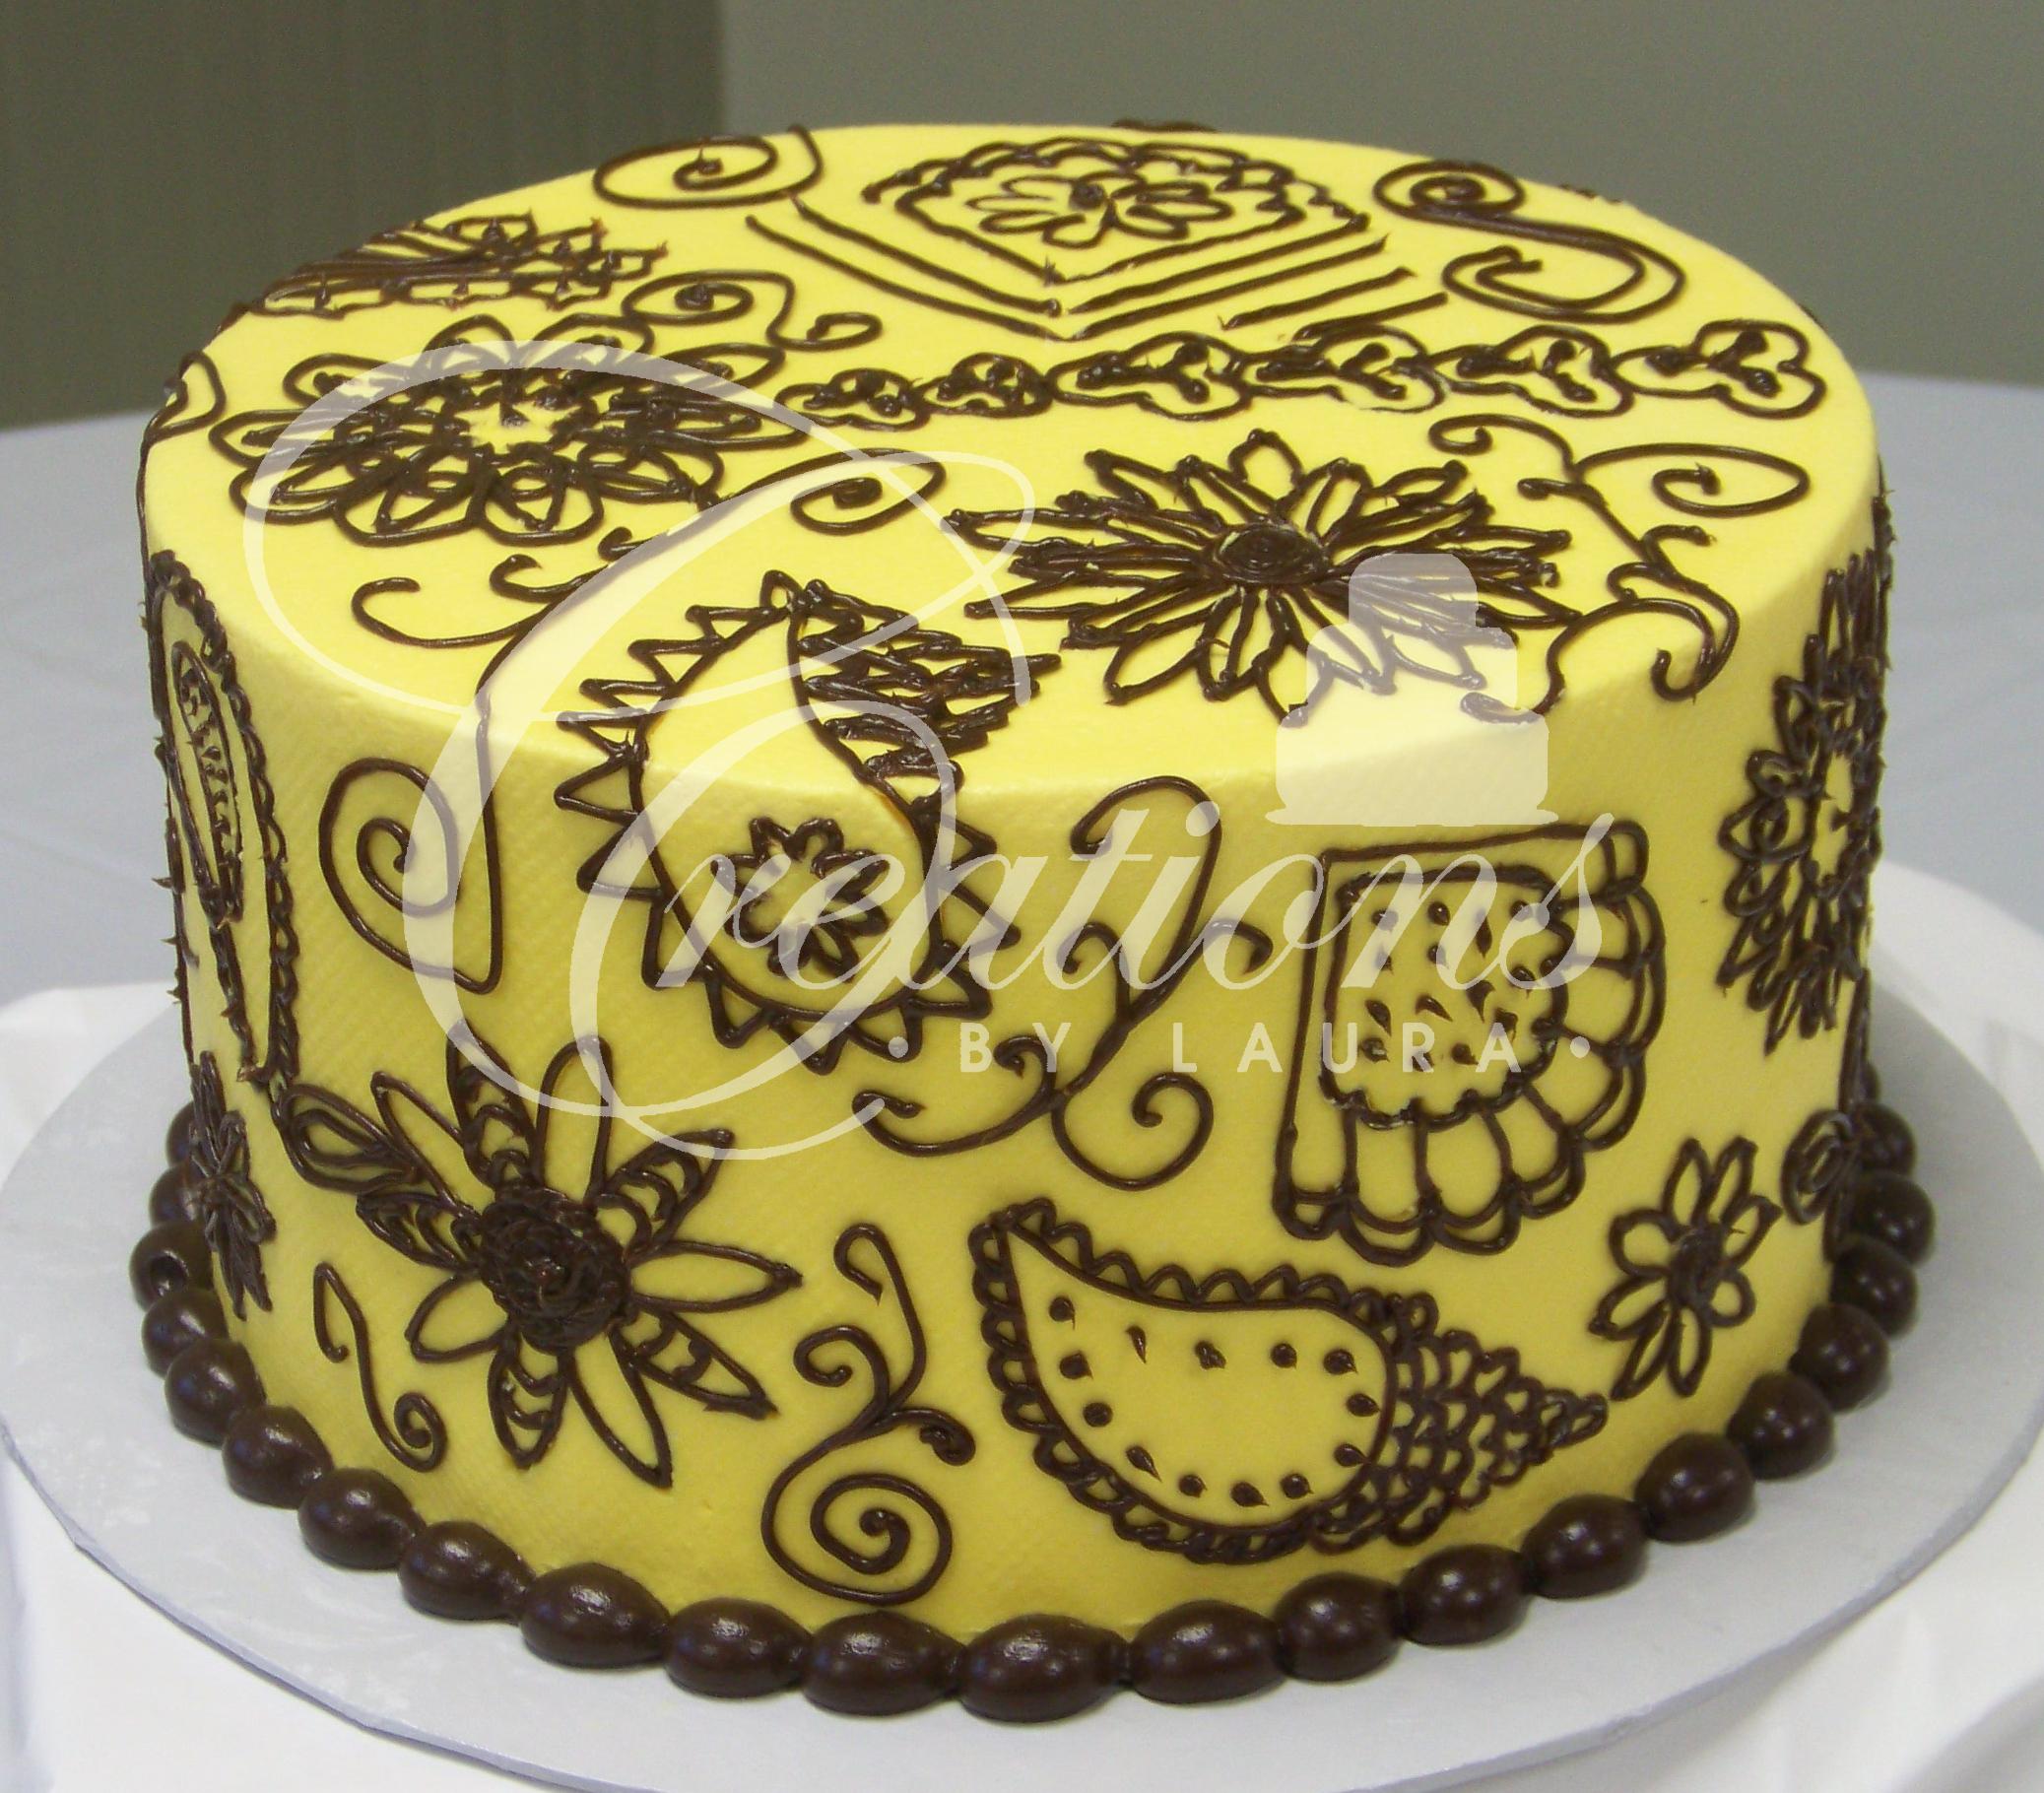 Chocolate Birthday Cake with Yellow